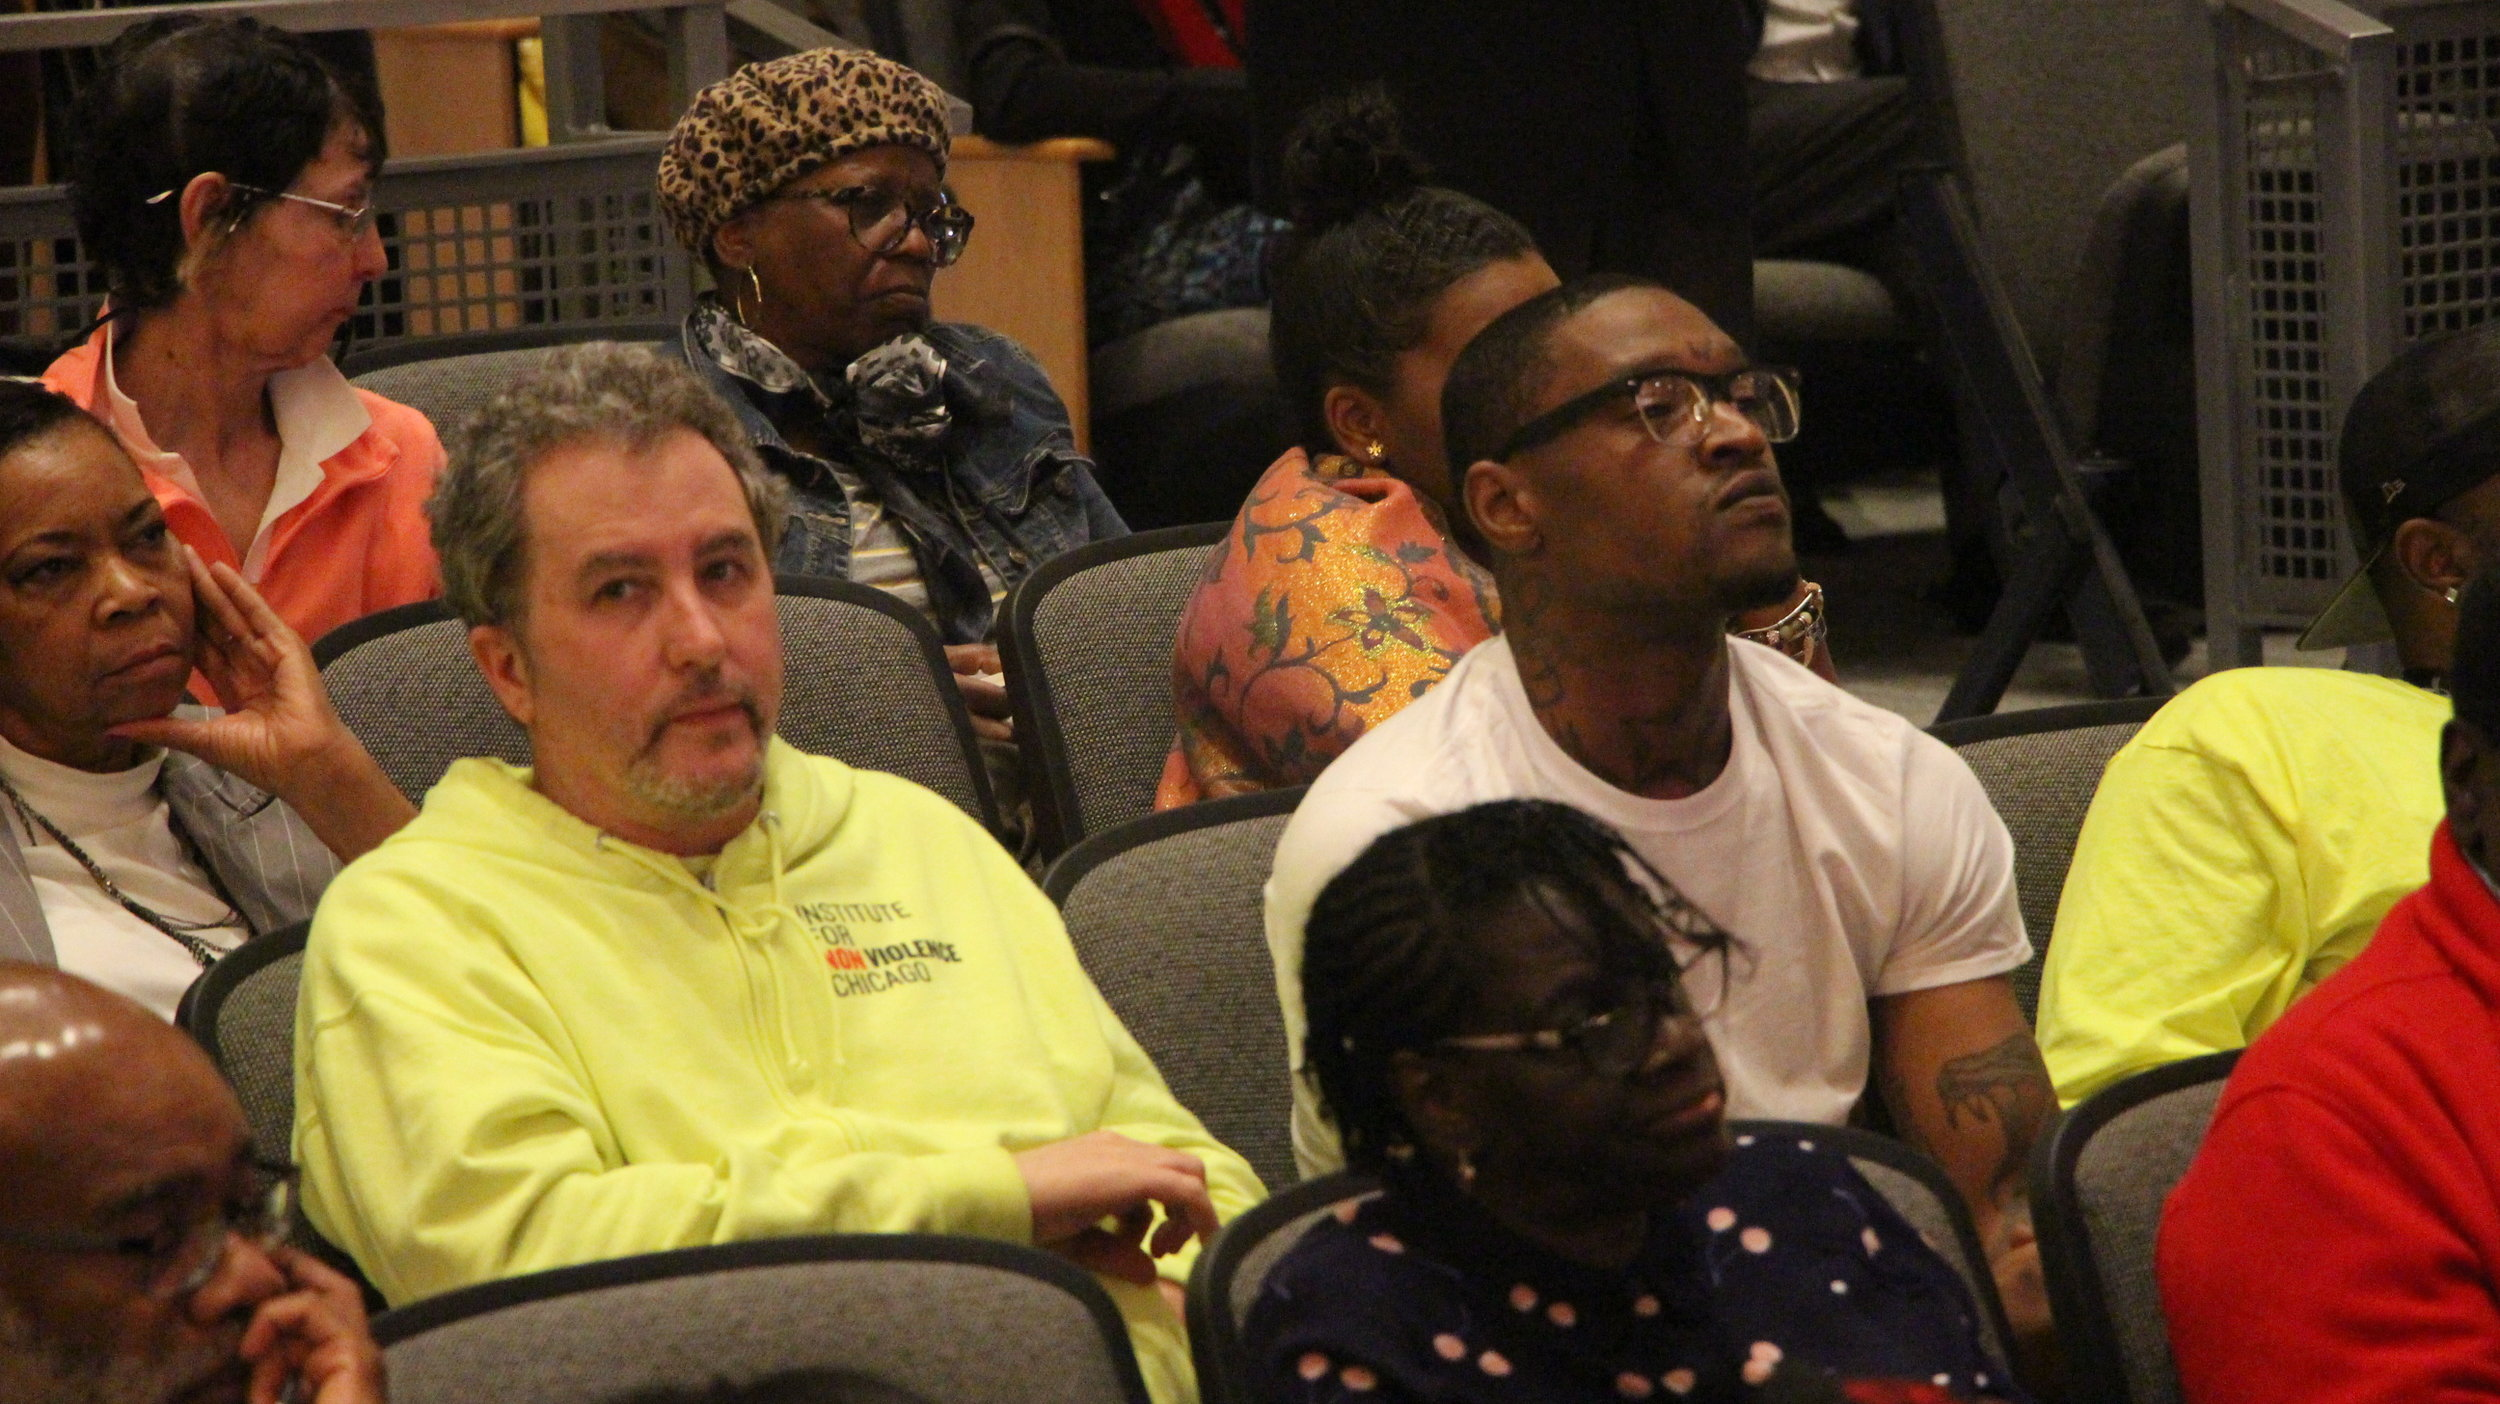 Audience members look on